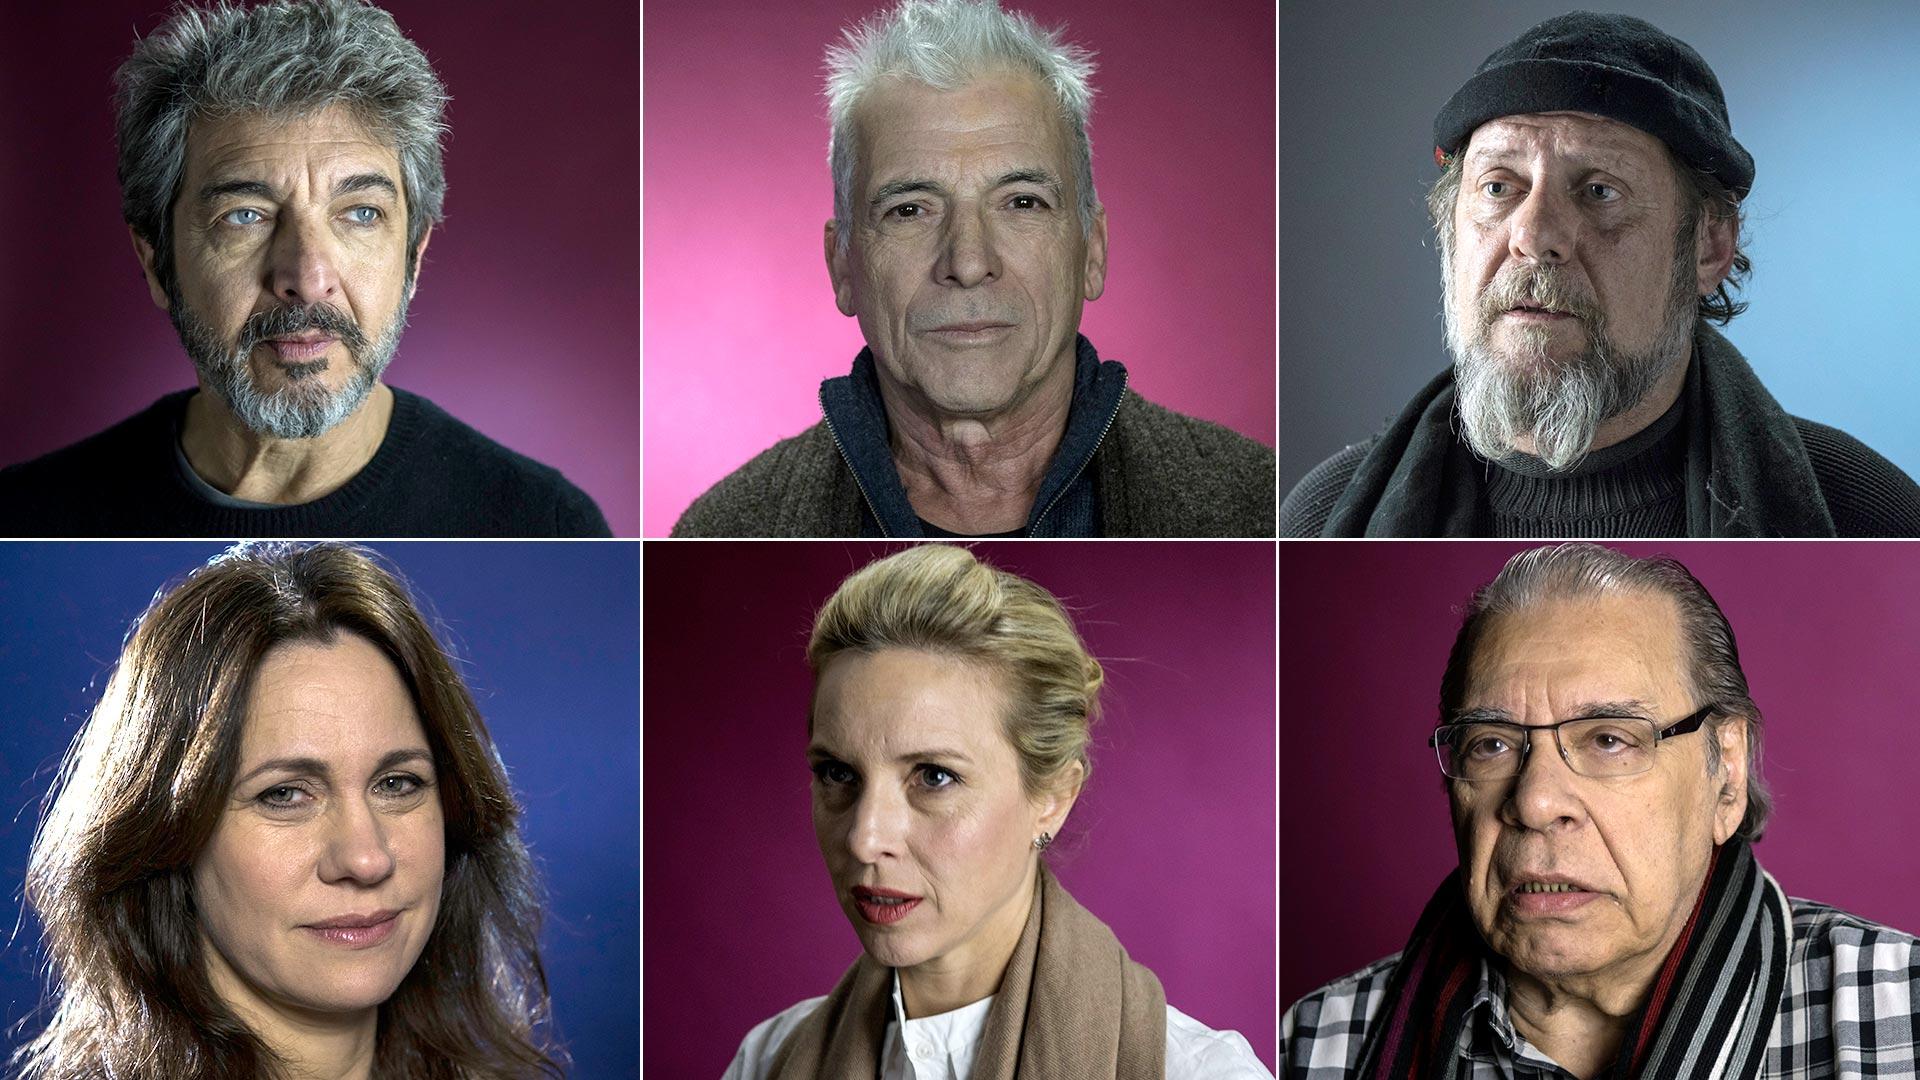 Más de 60 actores de diversas trayectorias e ideologías participaron en el video